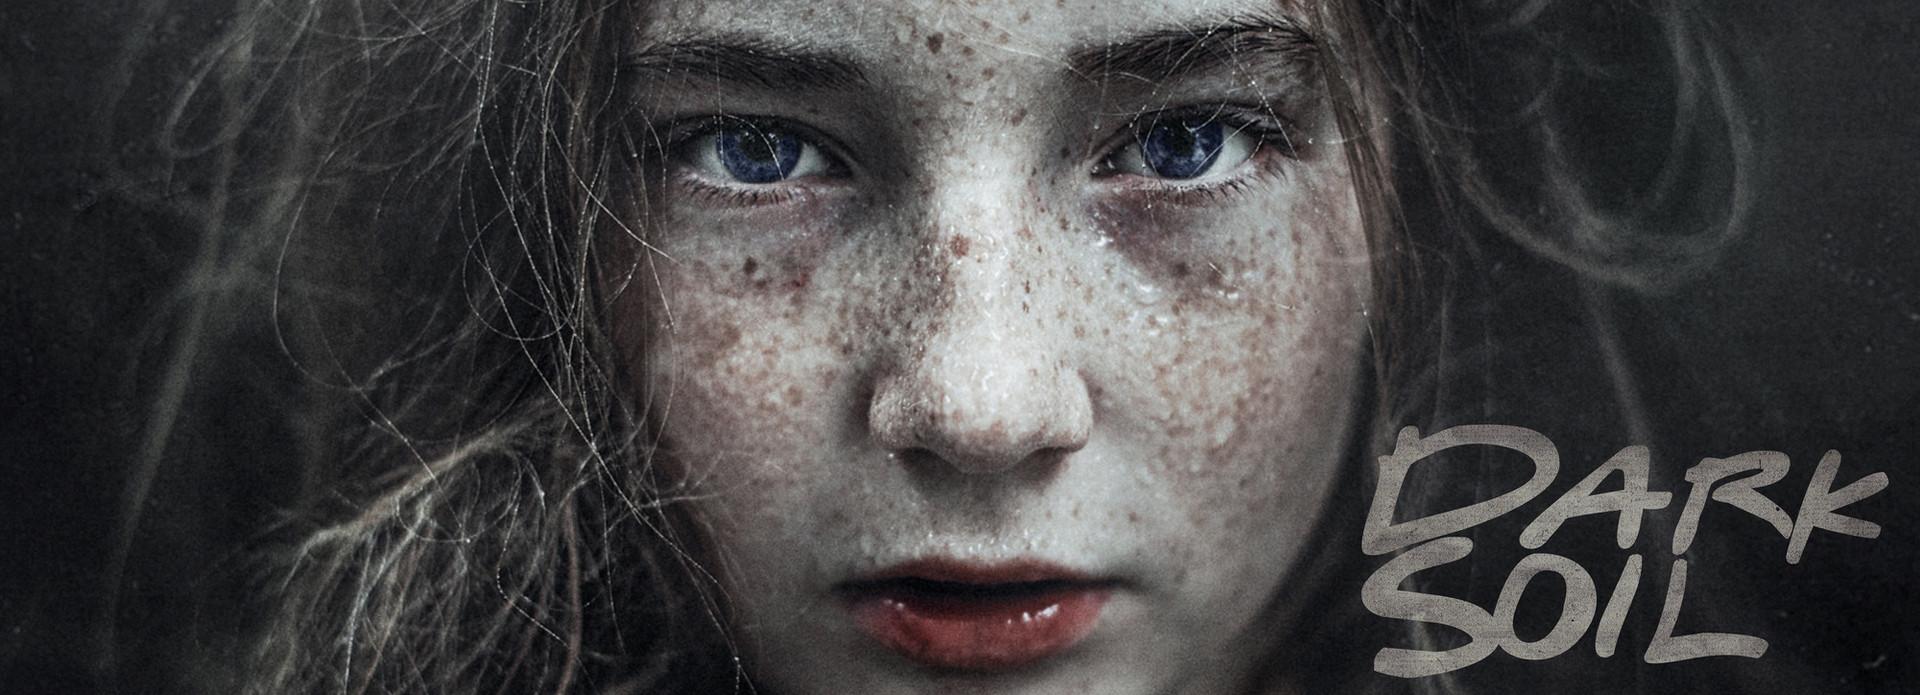 Dark Soil - Feature Film